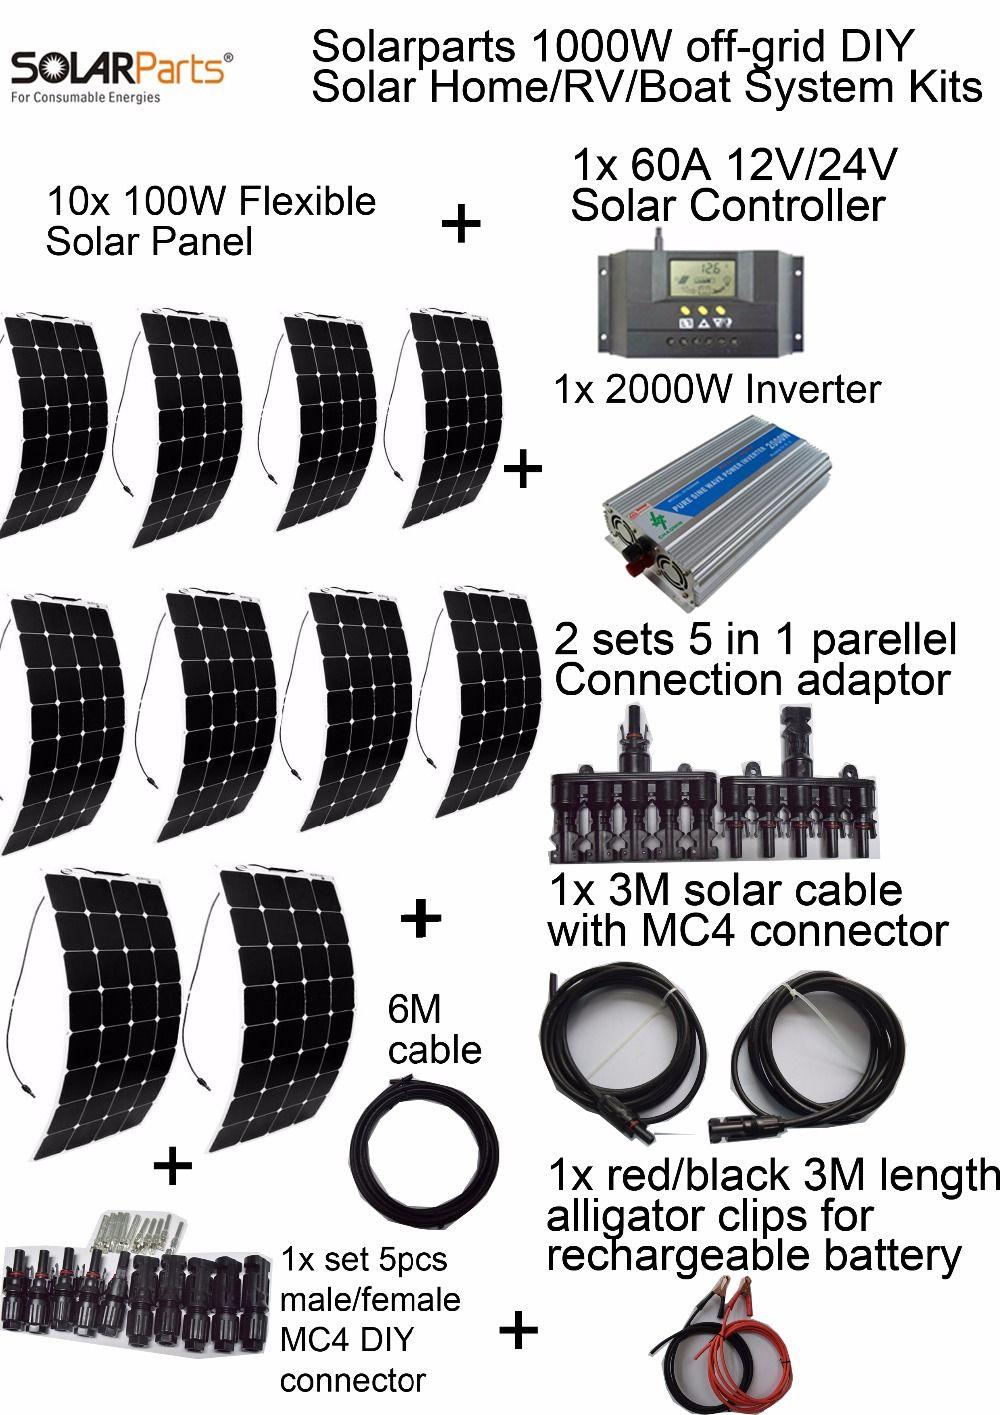 goedkope solarparts off grid zonnestelsel kits 1000 w flexibele zonnepaneel 1 stks 60a